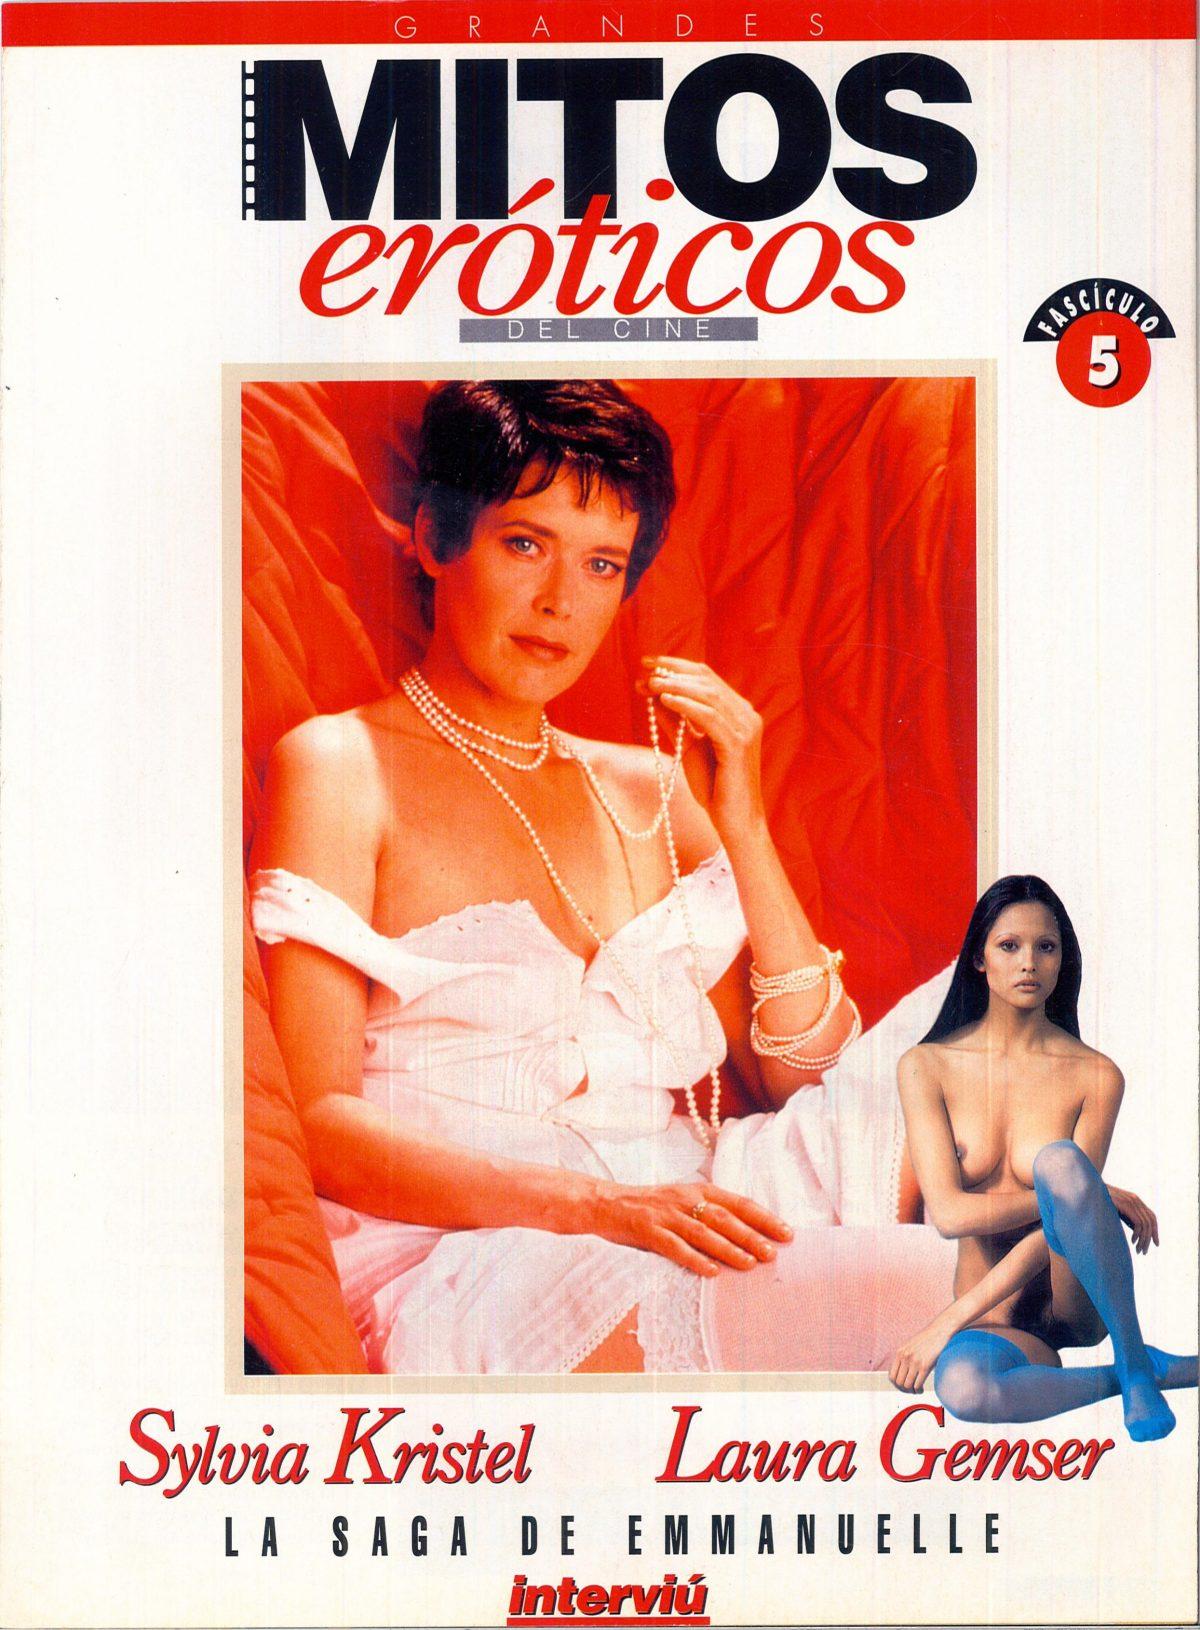 «Grandes mitos eróticos del cine»